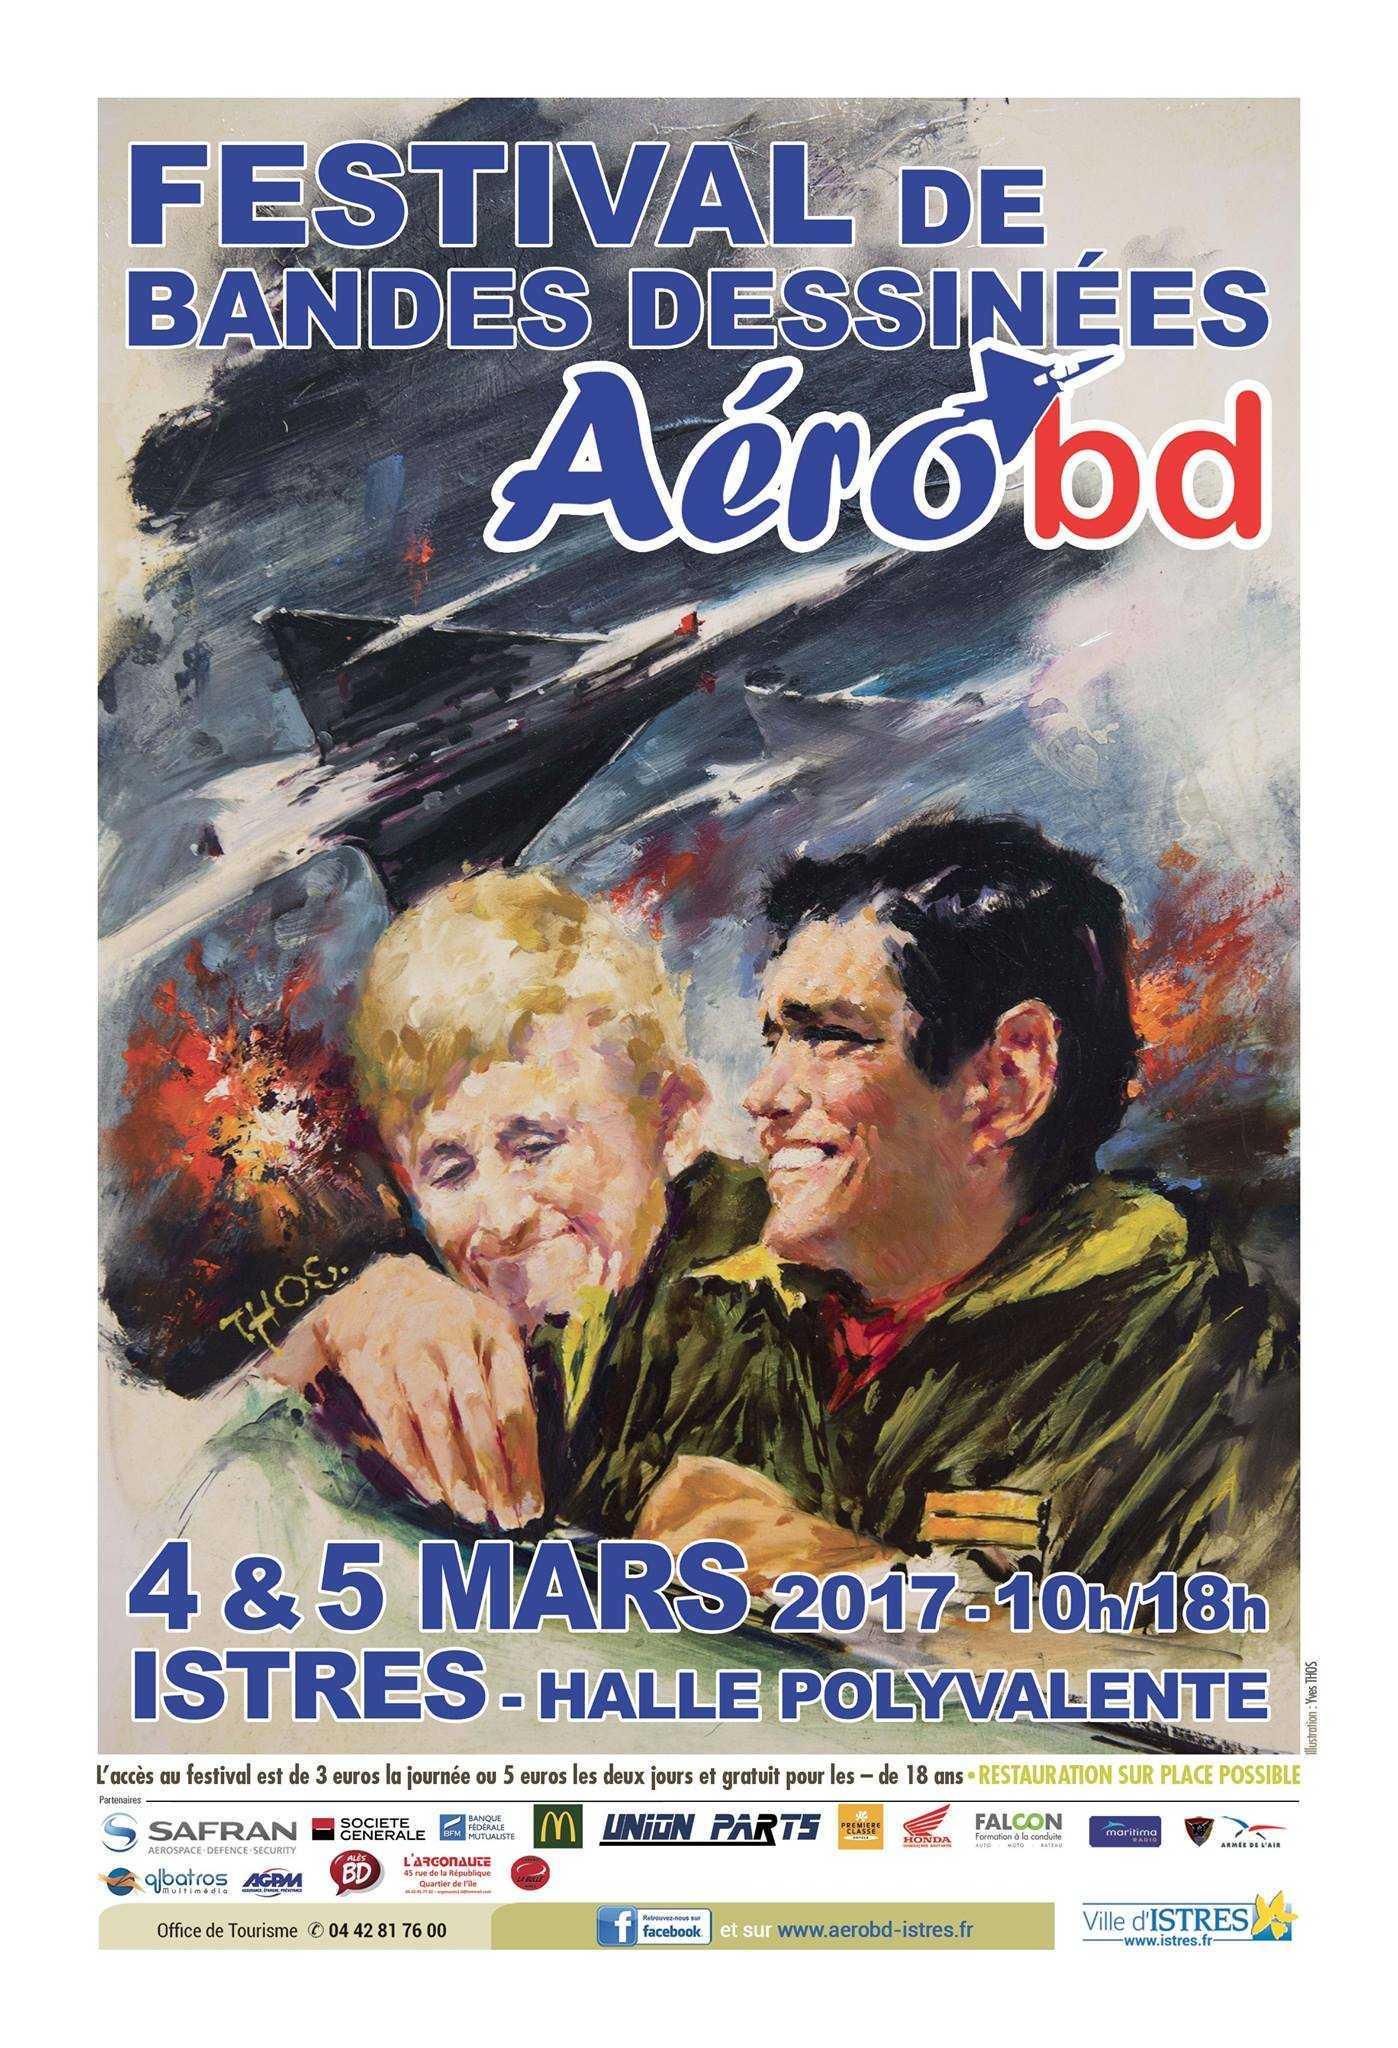 Aérobd à Istres les 4 et 5 mars, bulles, avions, action et aventure